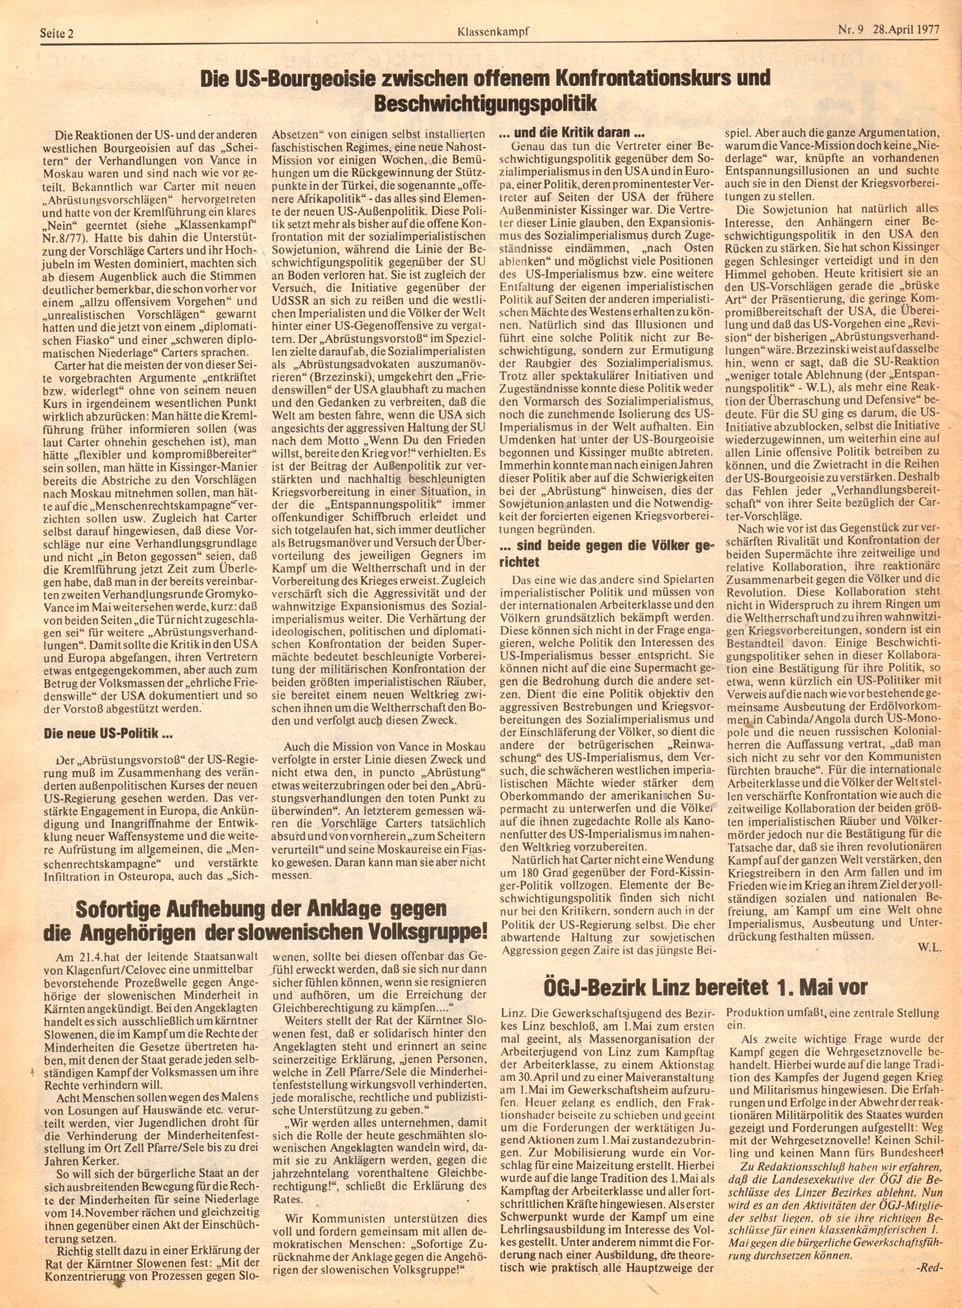 KBOe_Klassenkampf_1977_09_02